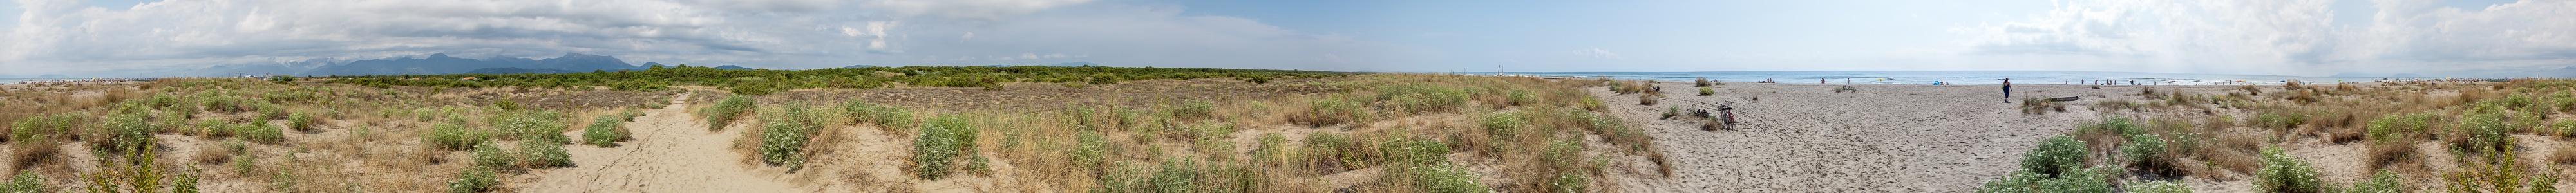 Viareggio Versilia: Dünen, Spiaggia della Lecciona und Mittelmeer Pineta di Levante